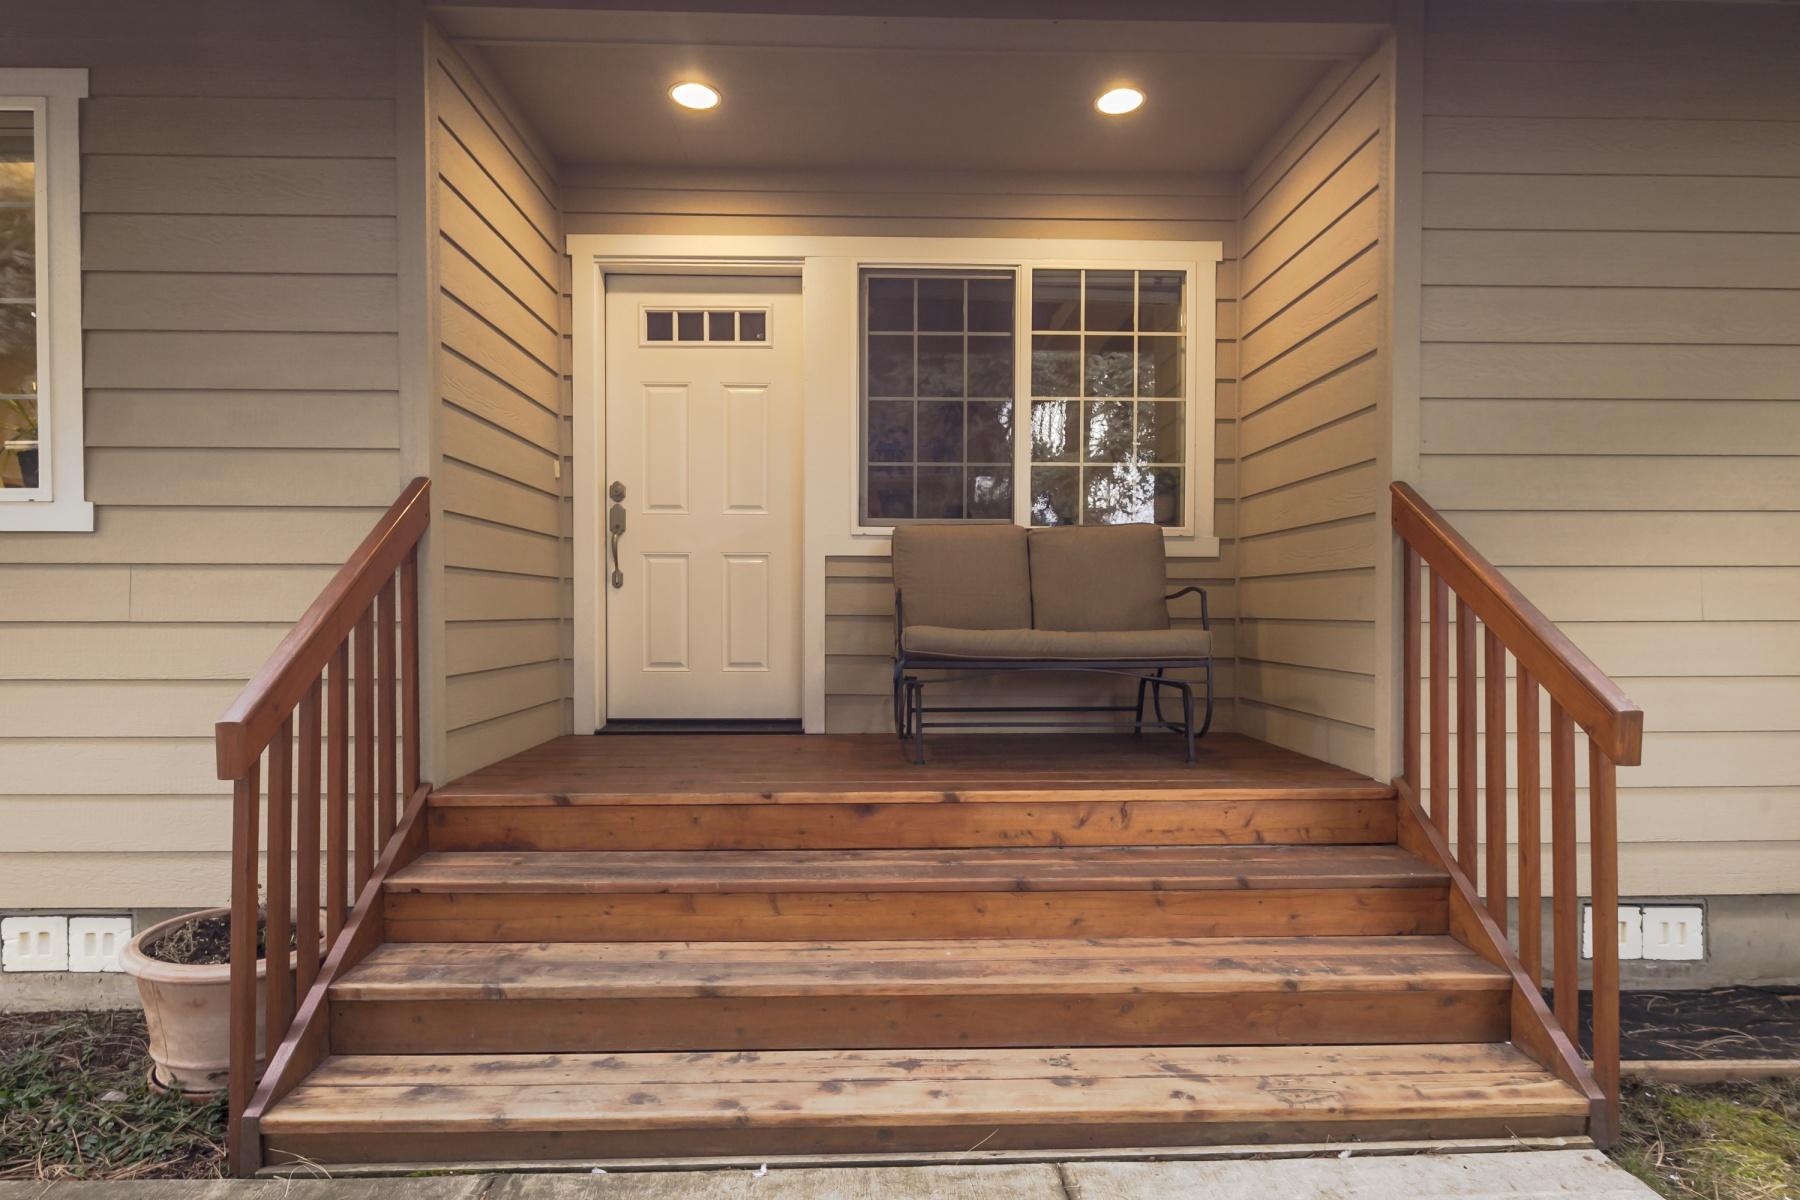 تاون هاوس للـ Sale في Investment Property in Sisters 321 N Maple St, Sisters, Oregon, 97759 United States